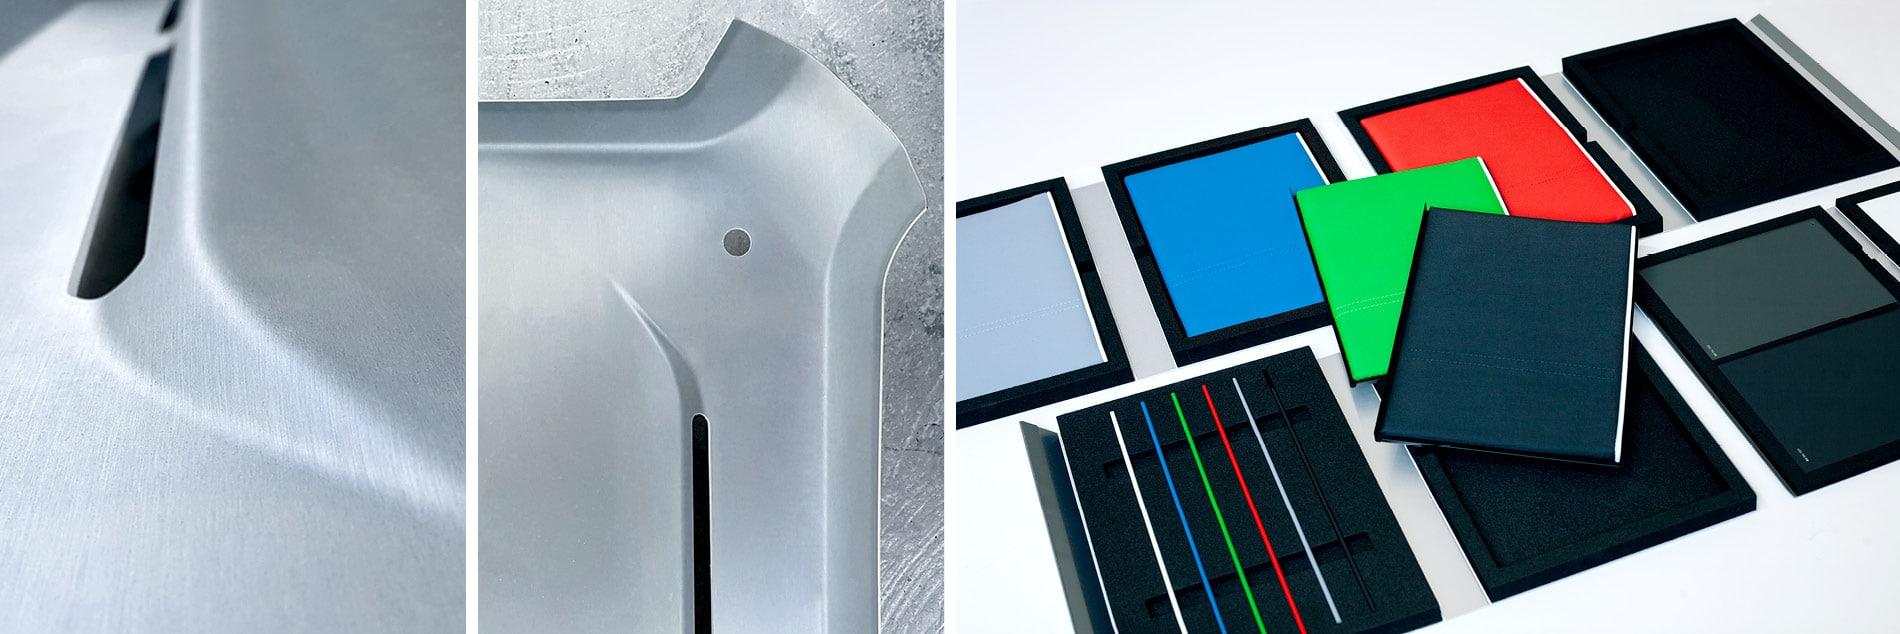 Muster für Materialien und Farben